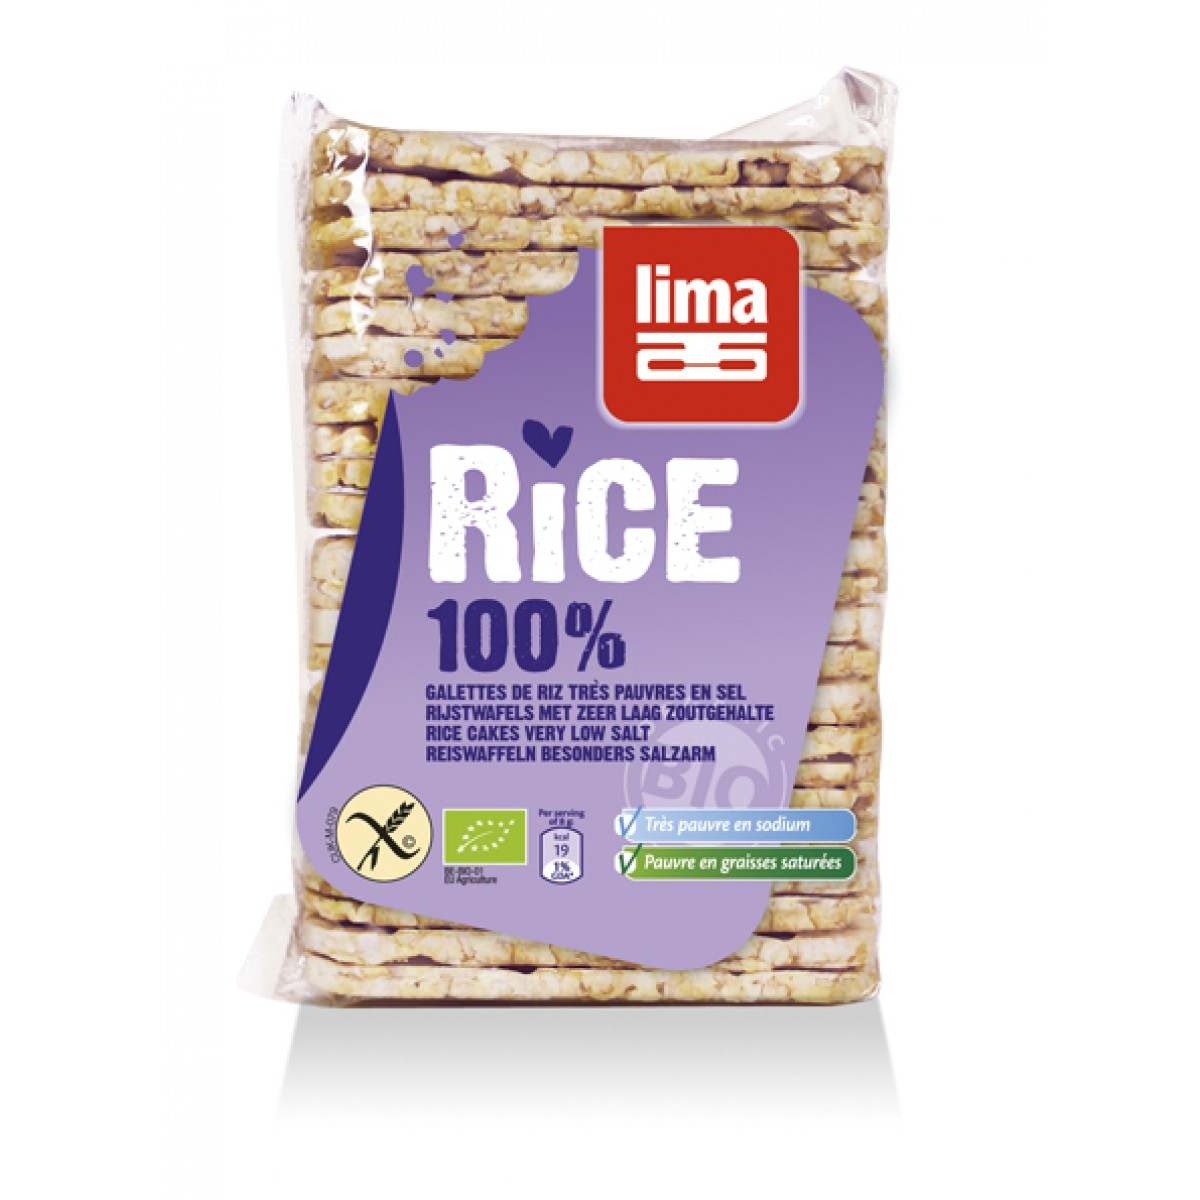 Rijstwafels Met Zeer Laag Zoutgehalte